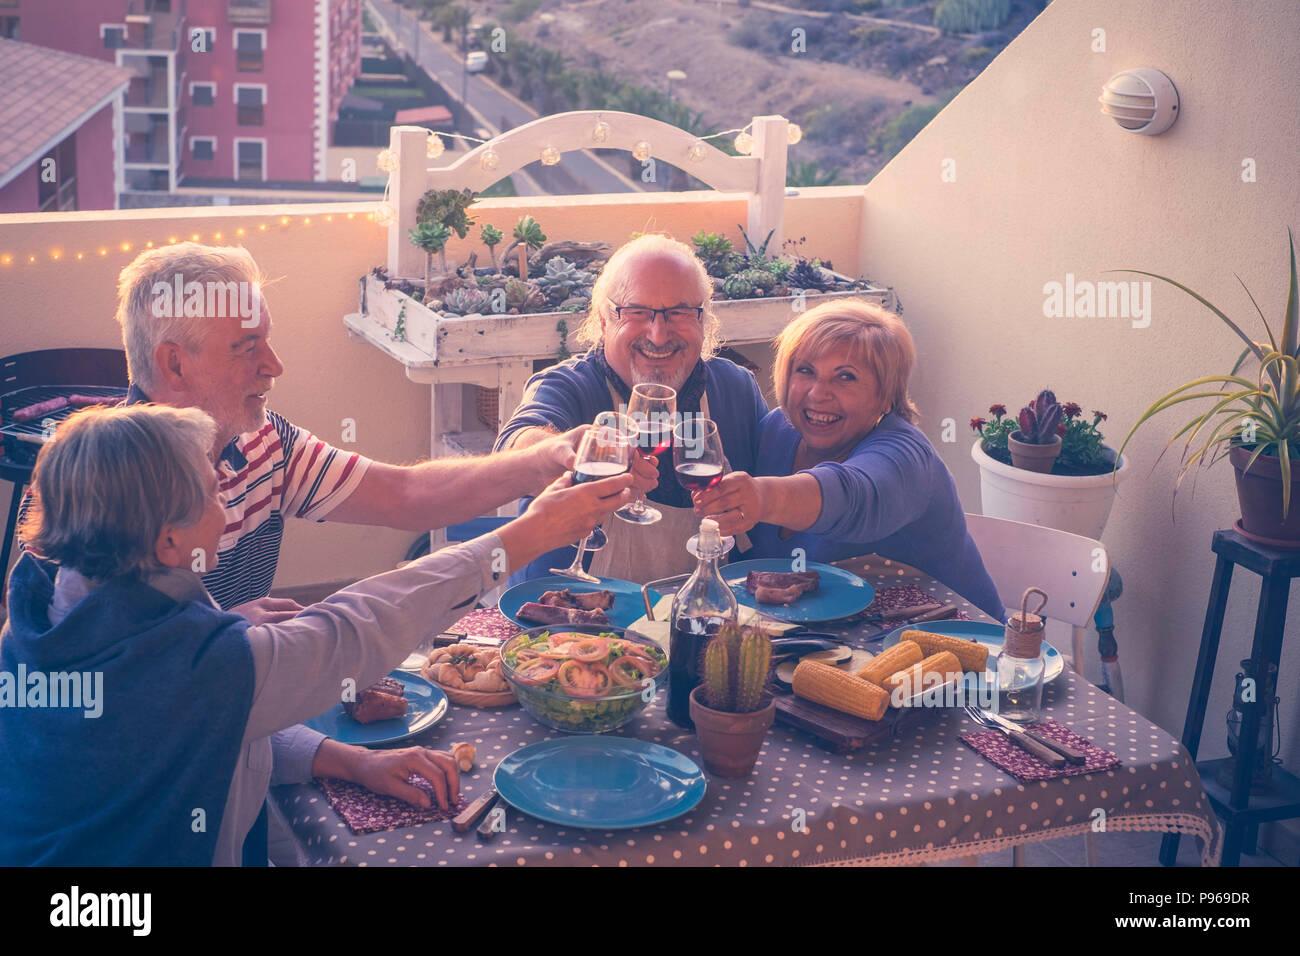 Gruppo di adulti caucasici persone mature a mangiare e a bere insieme celebrando caso di notte sul tetto con città e natura vista. estate un Immagini Stock